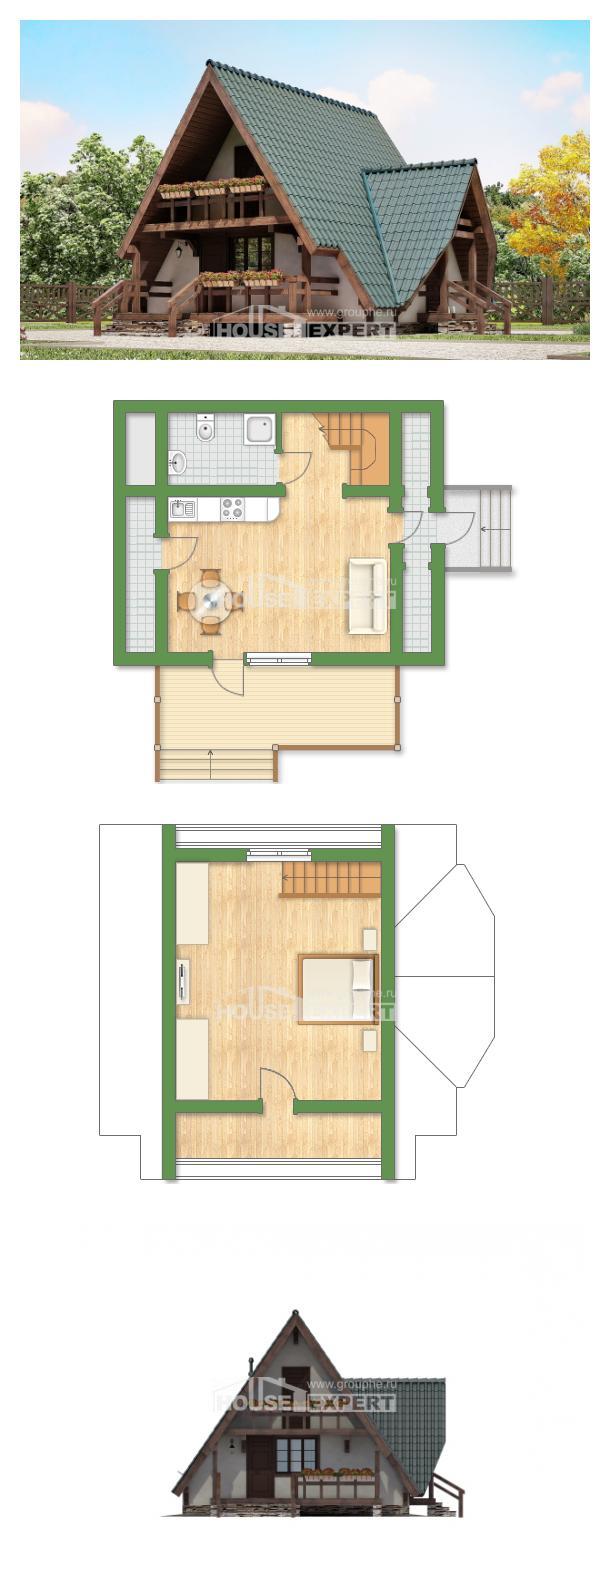 Plan 070-003-R   House Expert